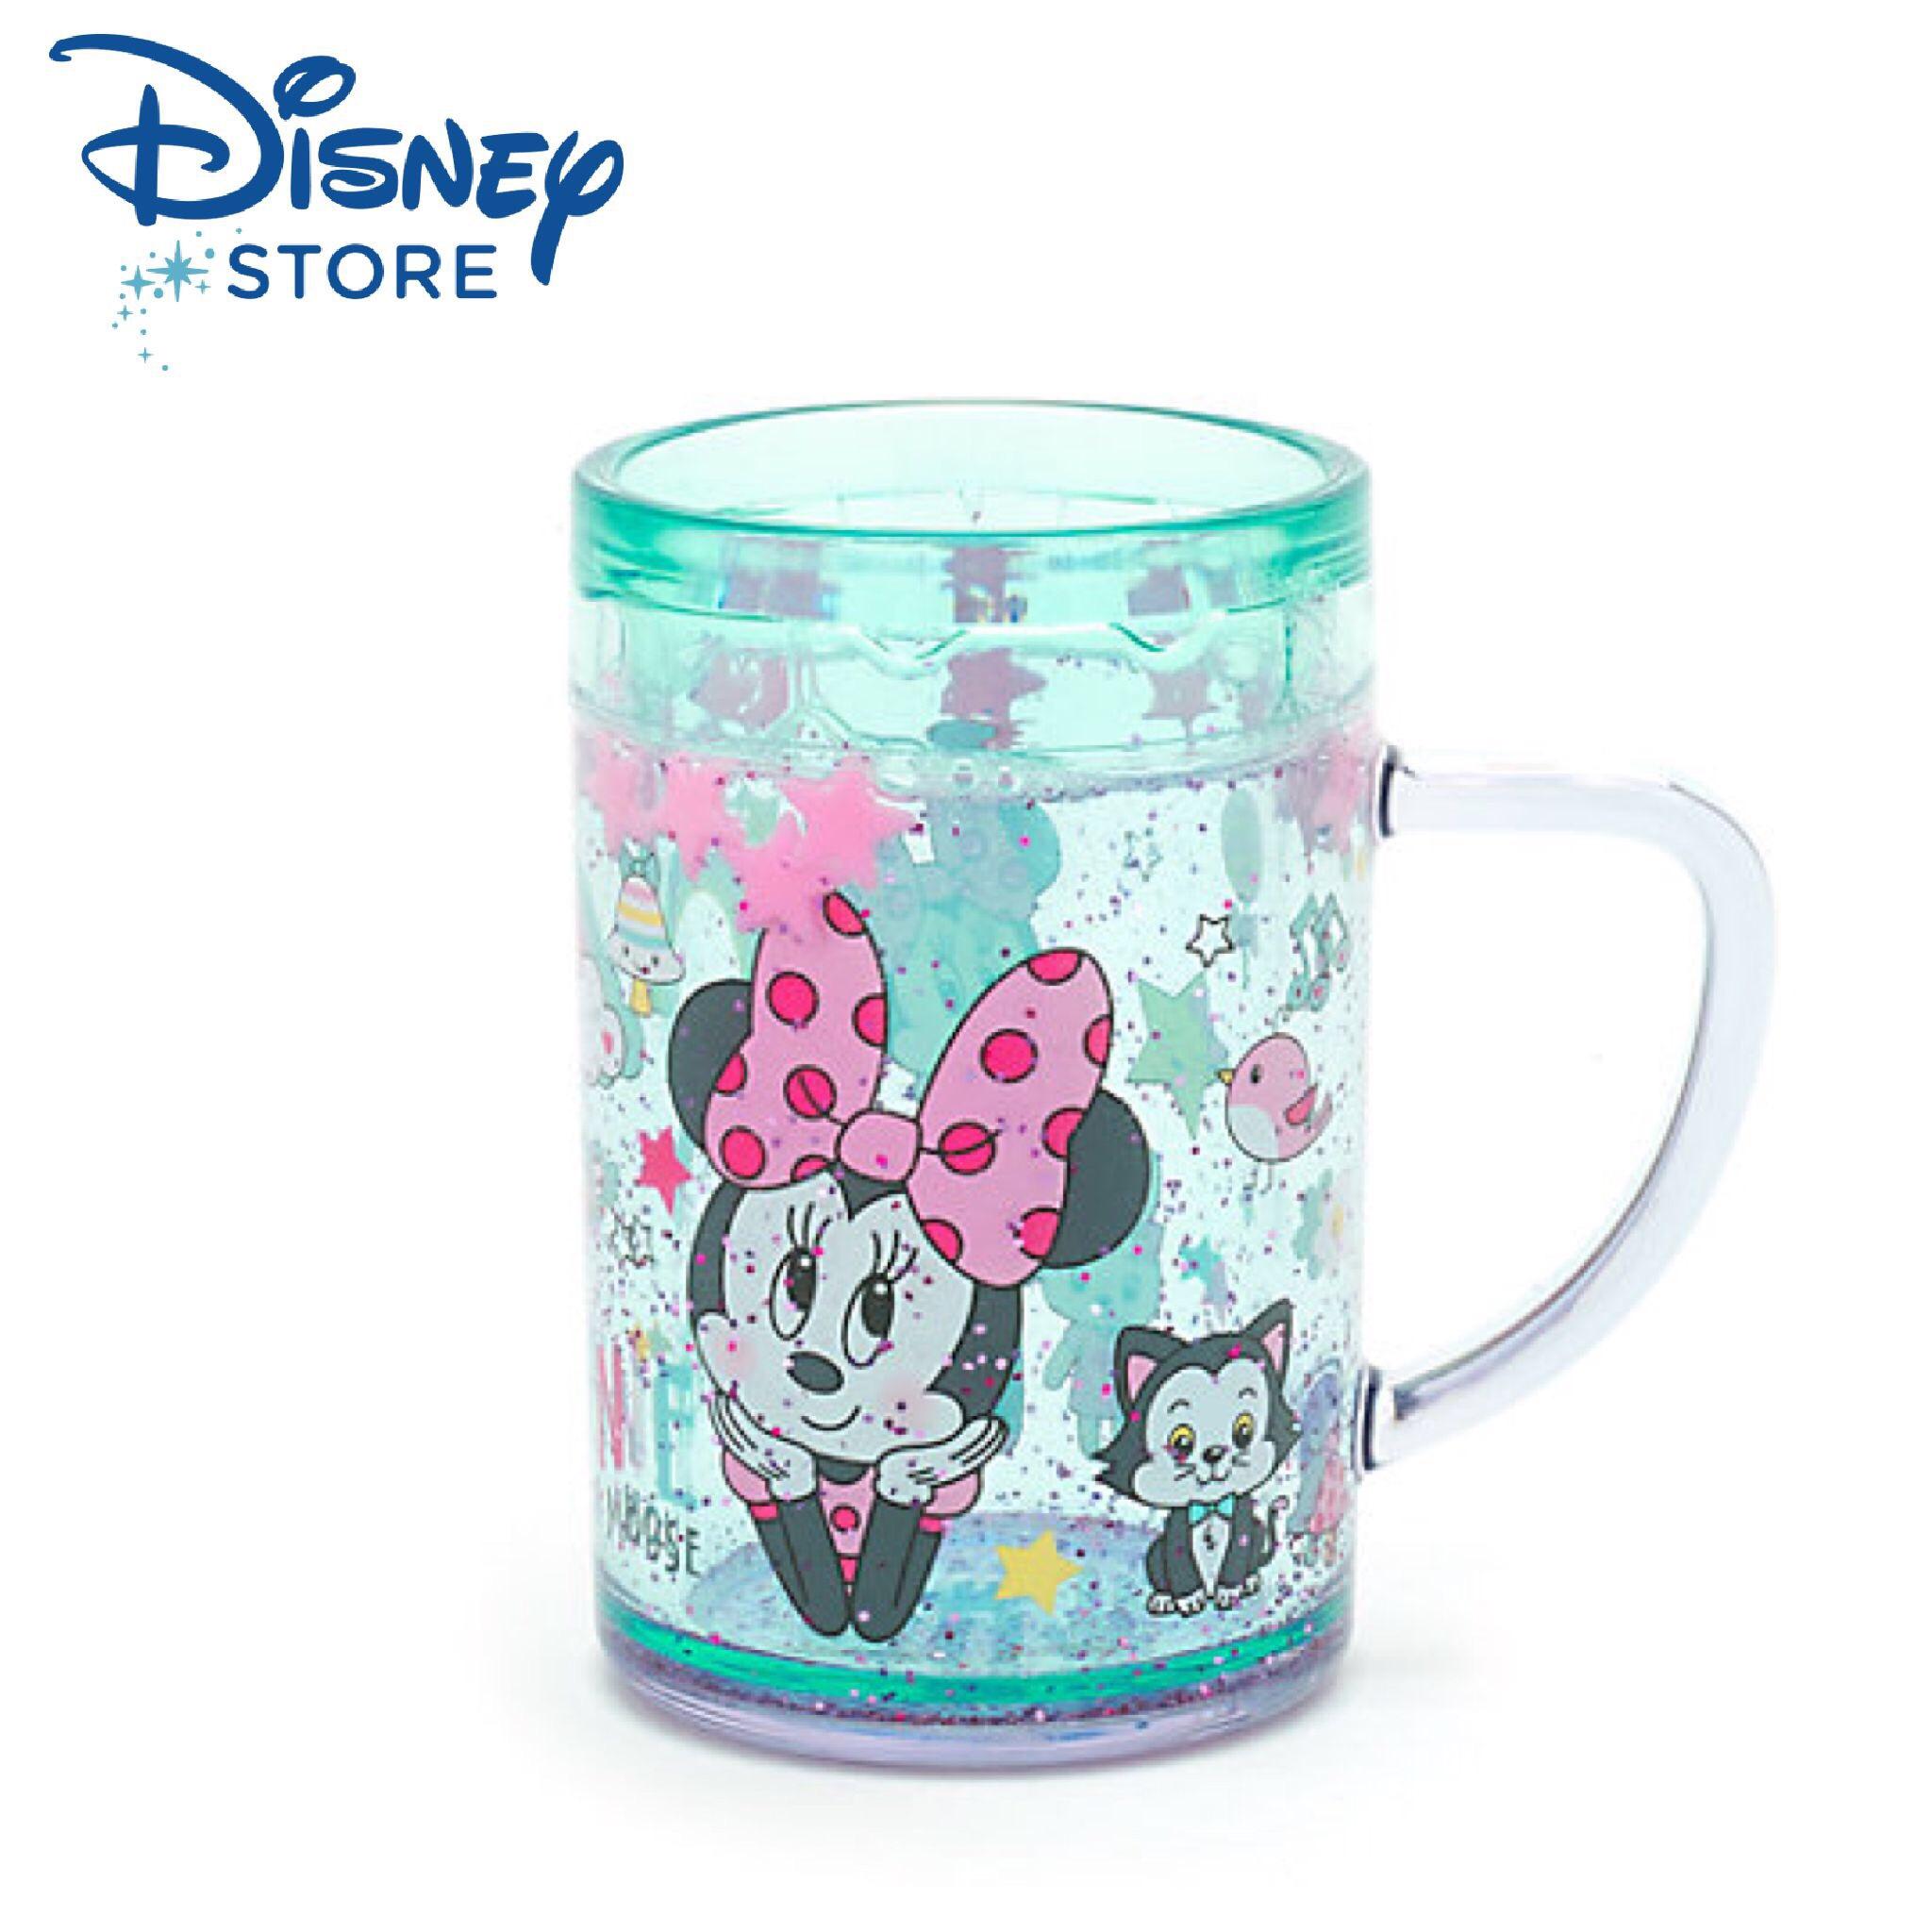 แก้วน้ำสำหรับเด็ก Disney Fun Fill Cup (Minnie Mouse)